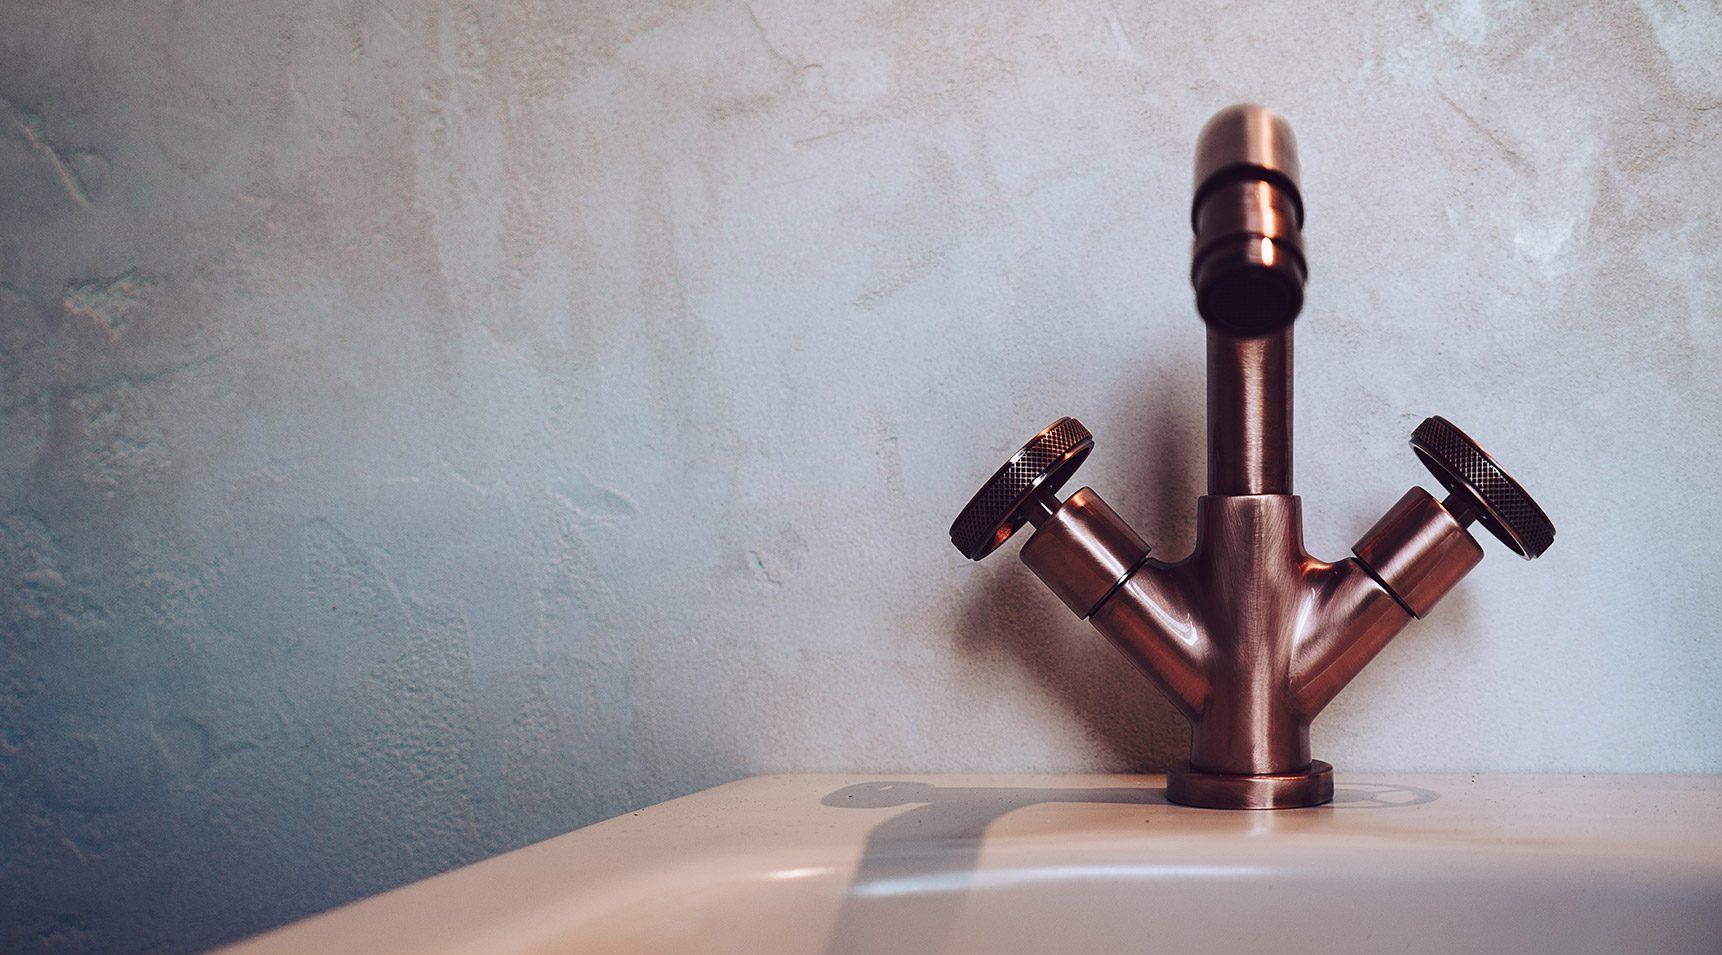 Monocomando per lavabo con scarico automatico – con cartuccia - Finitura in bronzo